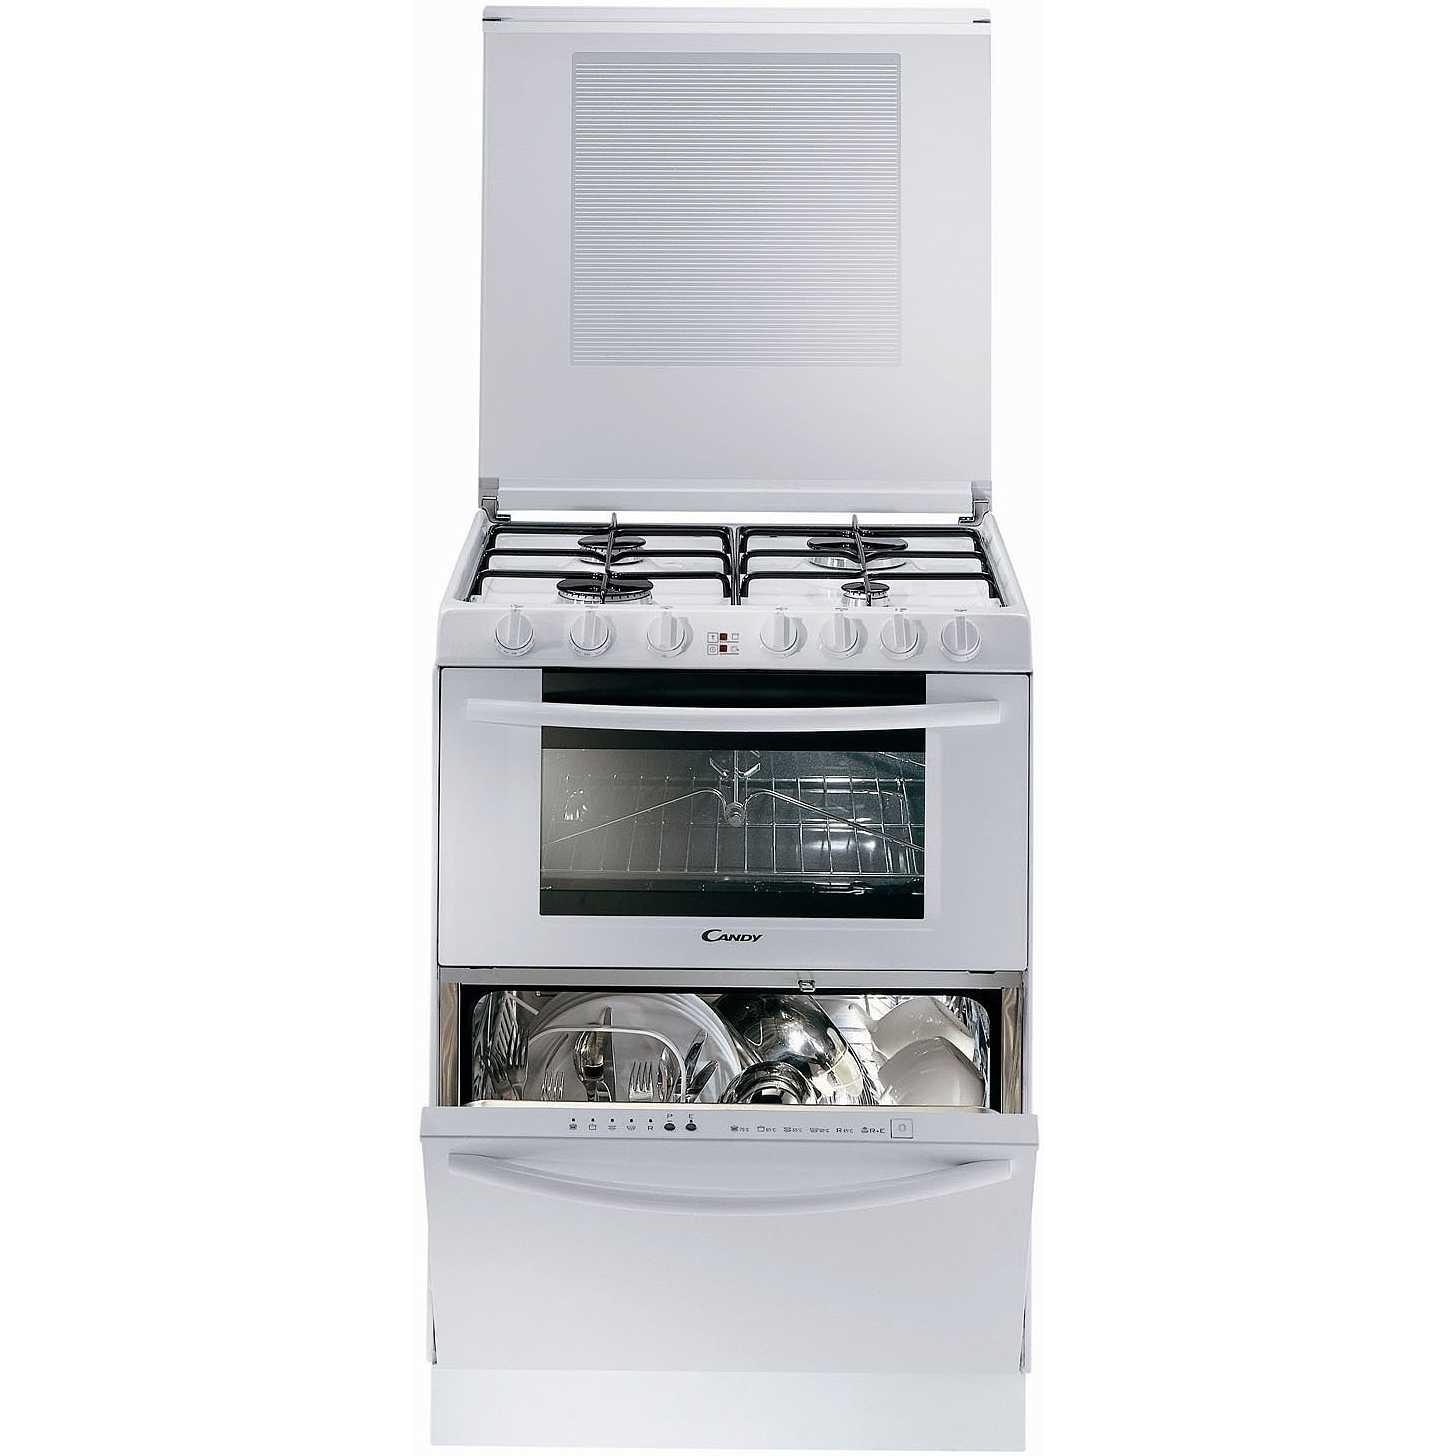 Candy TRIO 9501/1 W Cucina 60x60 4 Fuochi A Gas Forno Elettrico 41 Litri